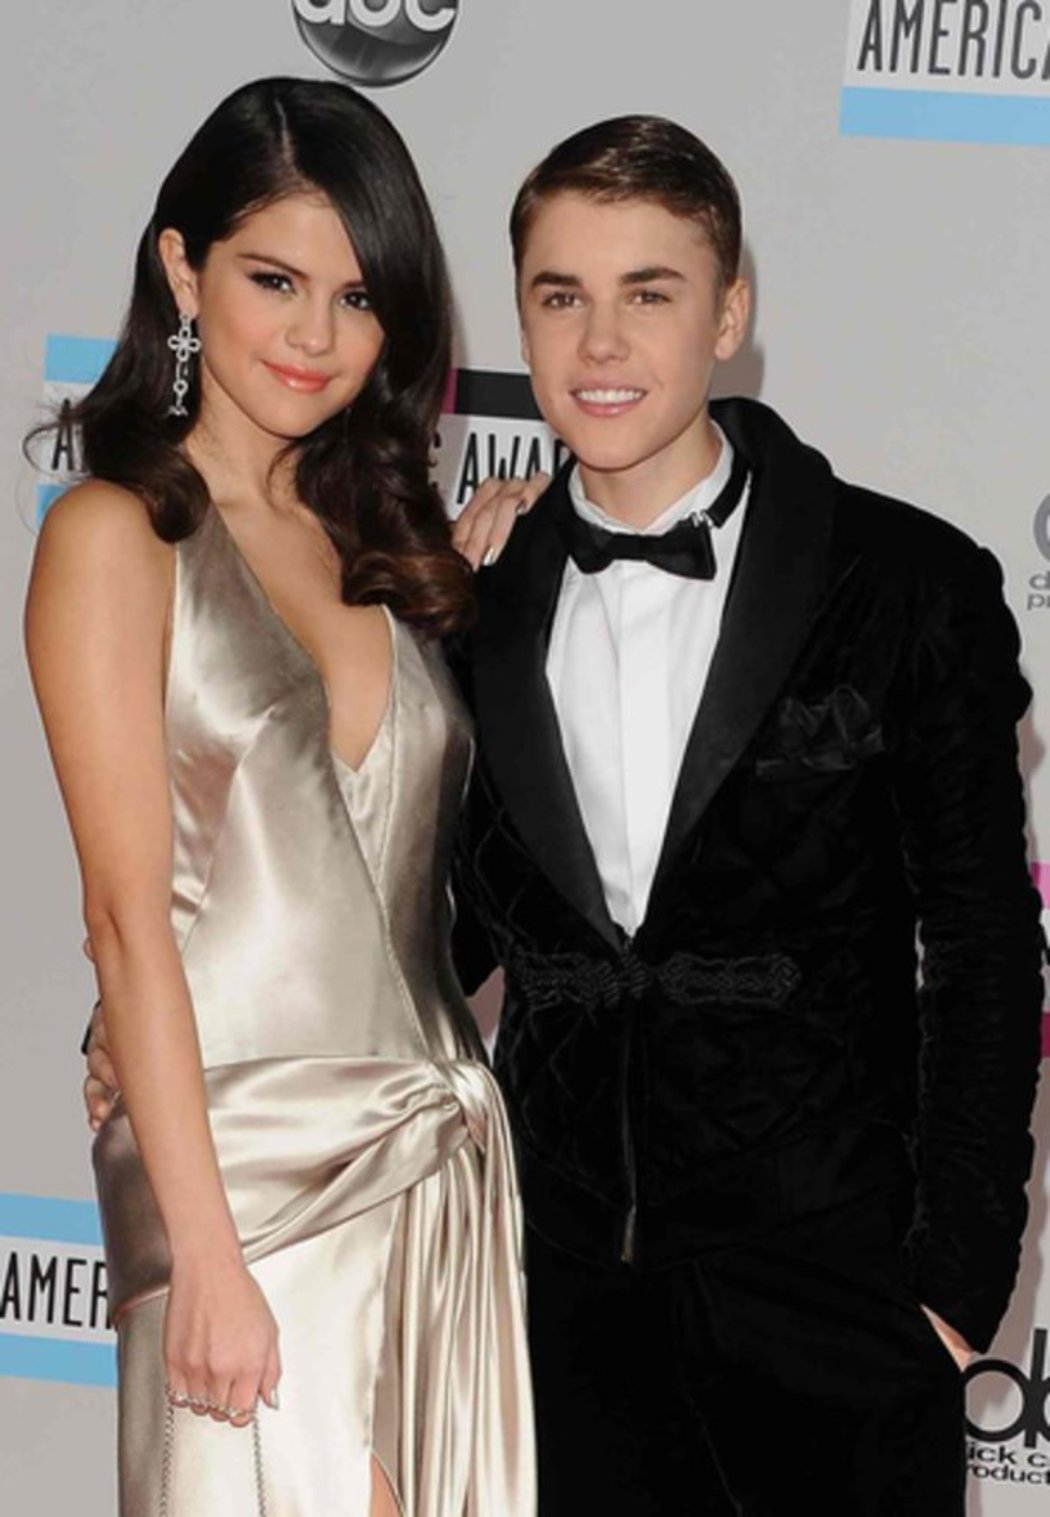 Selena Gomez überraschung Für Justin Bieber Top Story